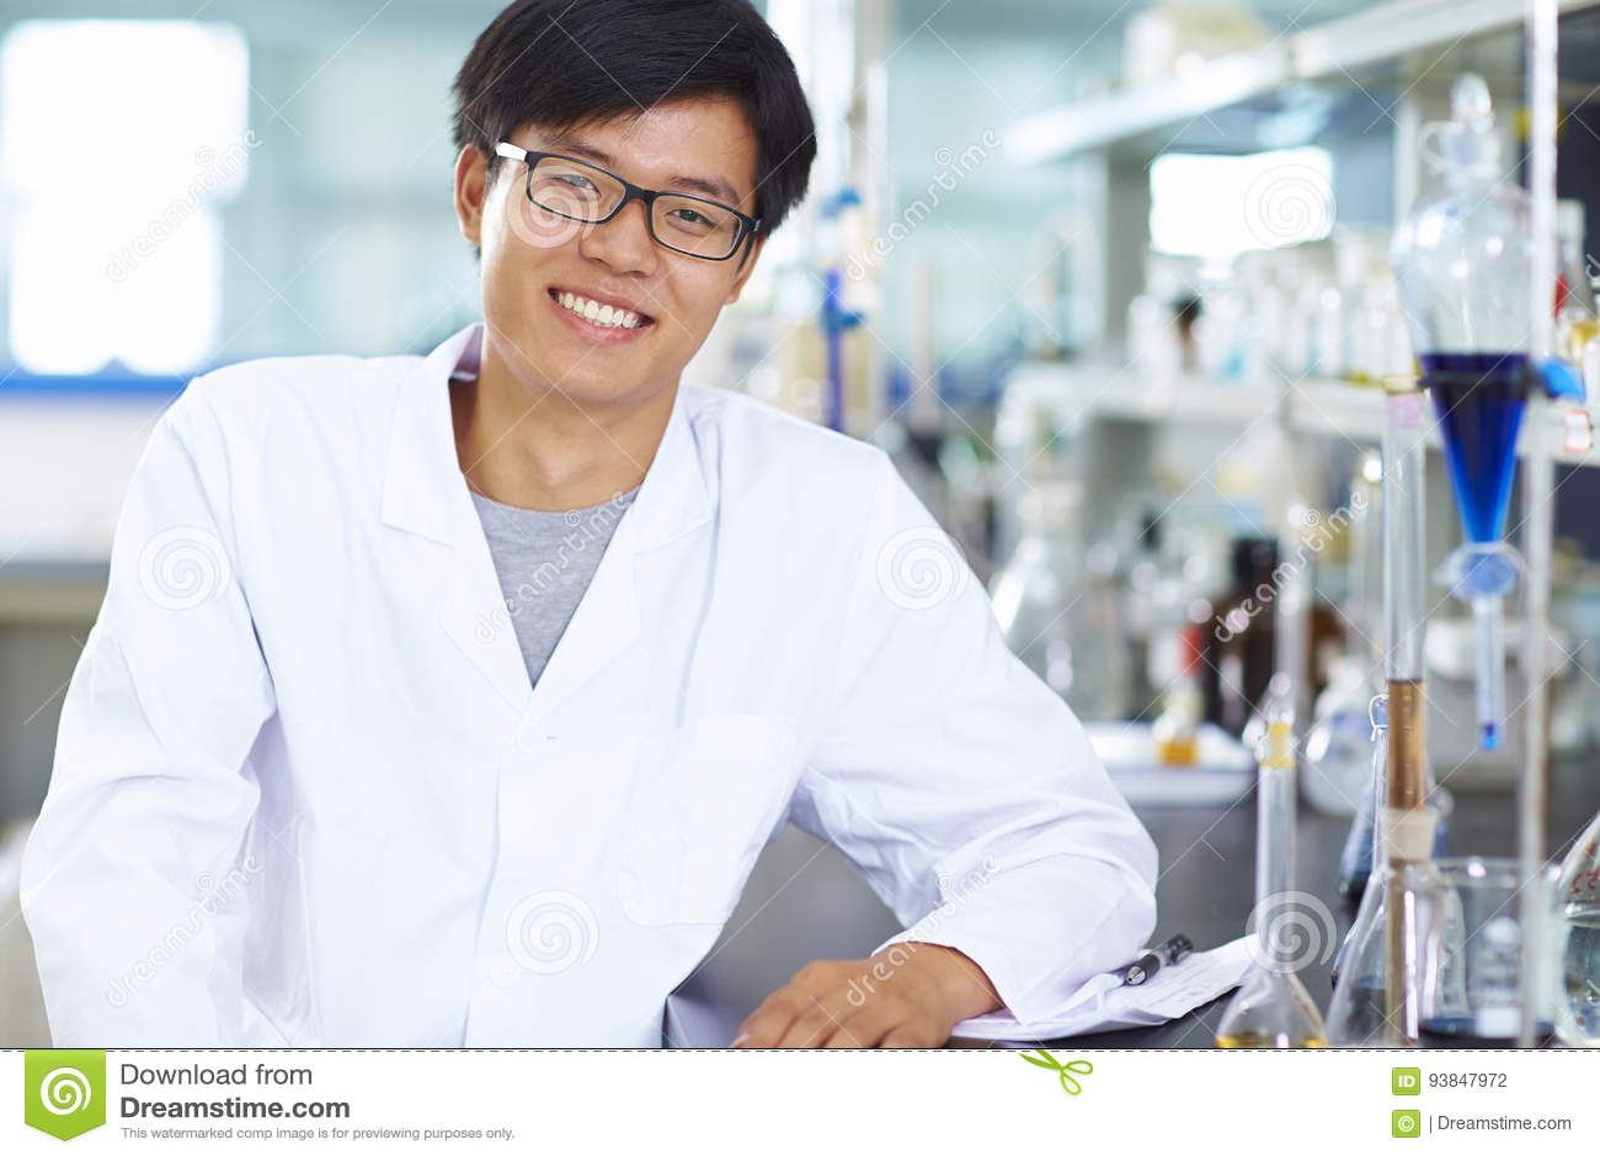 Ασιατικός εργαστηριακός επιστήμονας που εργάζεται στο εργαστήριο με τους σωλήνες δοκιμής